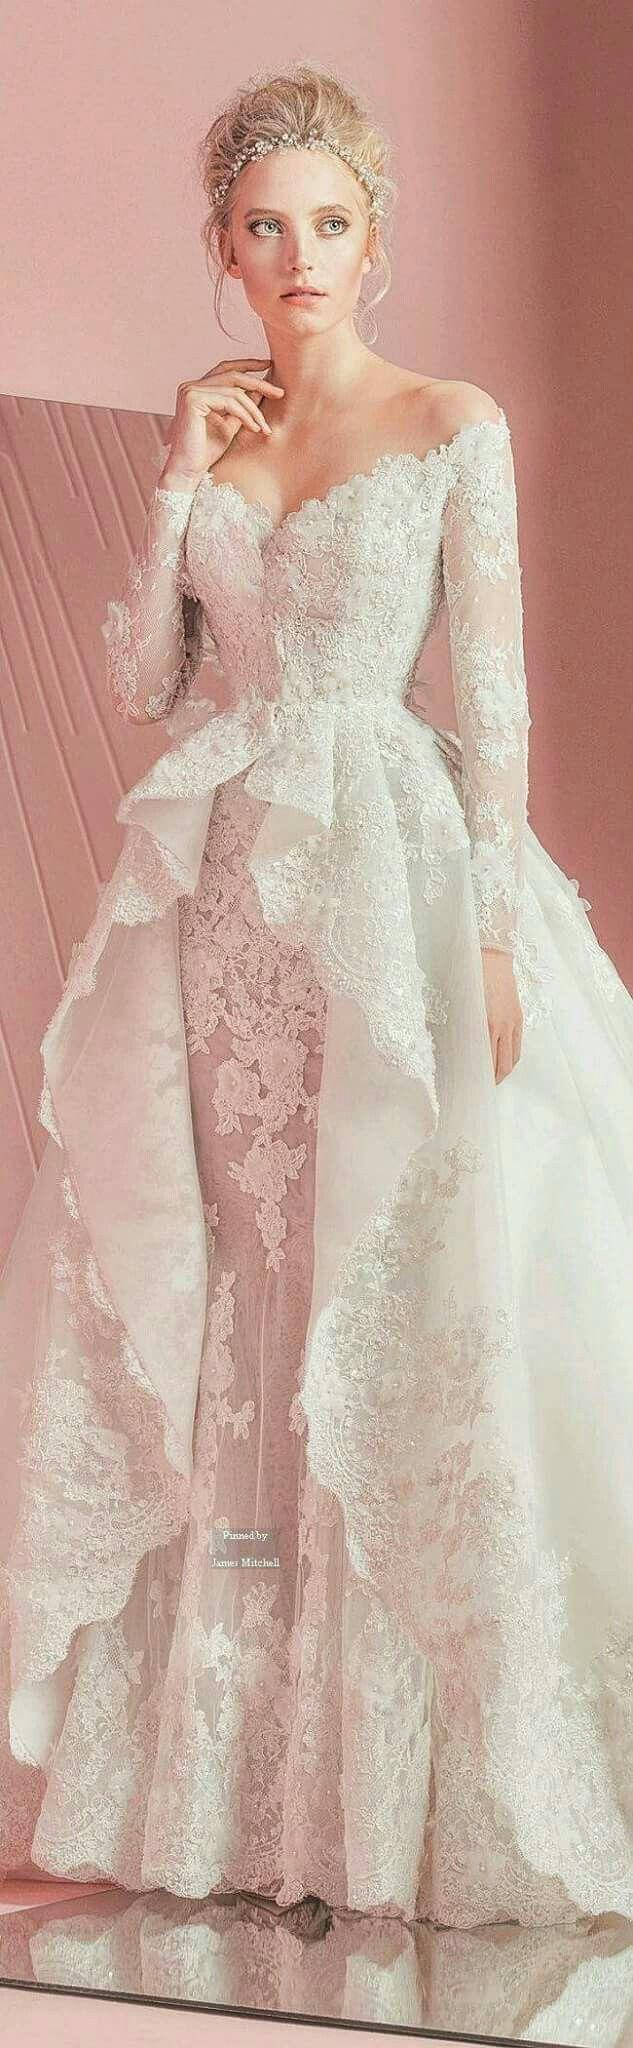 58 best Vestidos de boda images on Pinterest | Bridal gowns, Gown ...